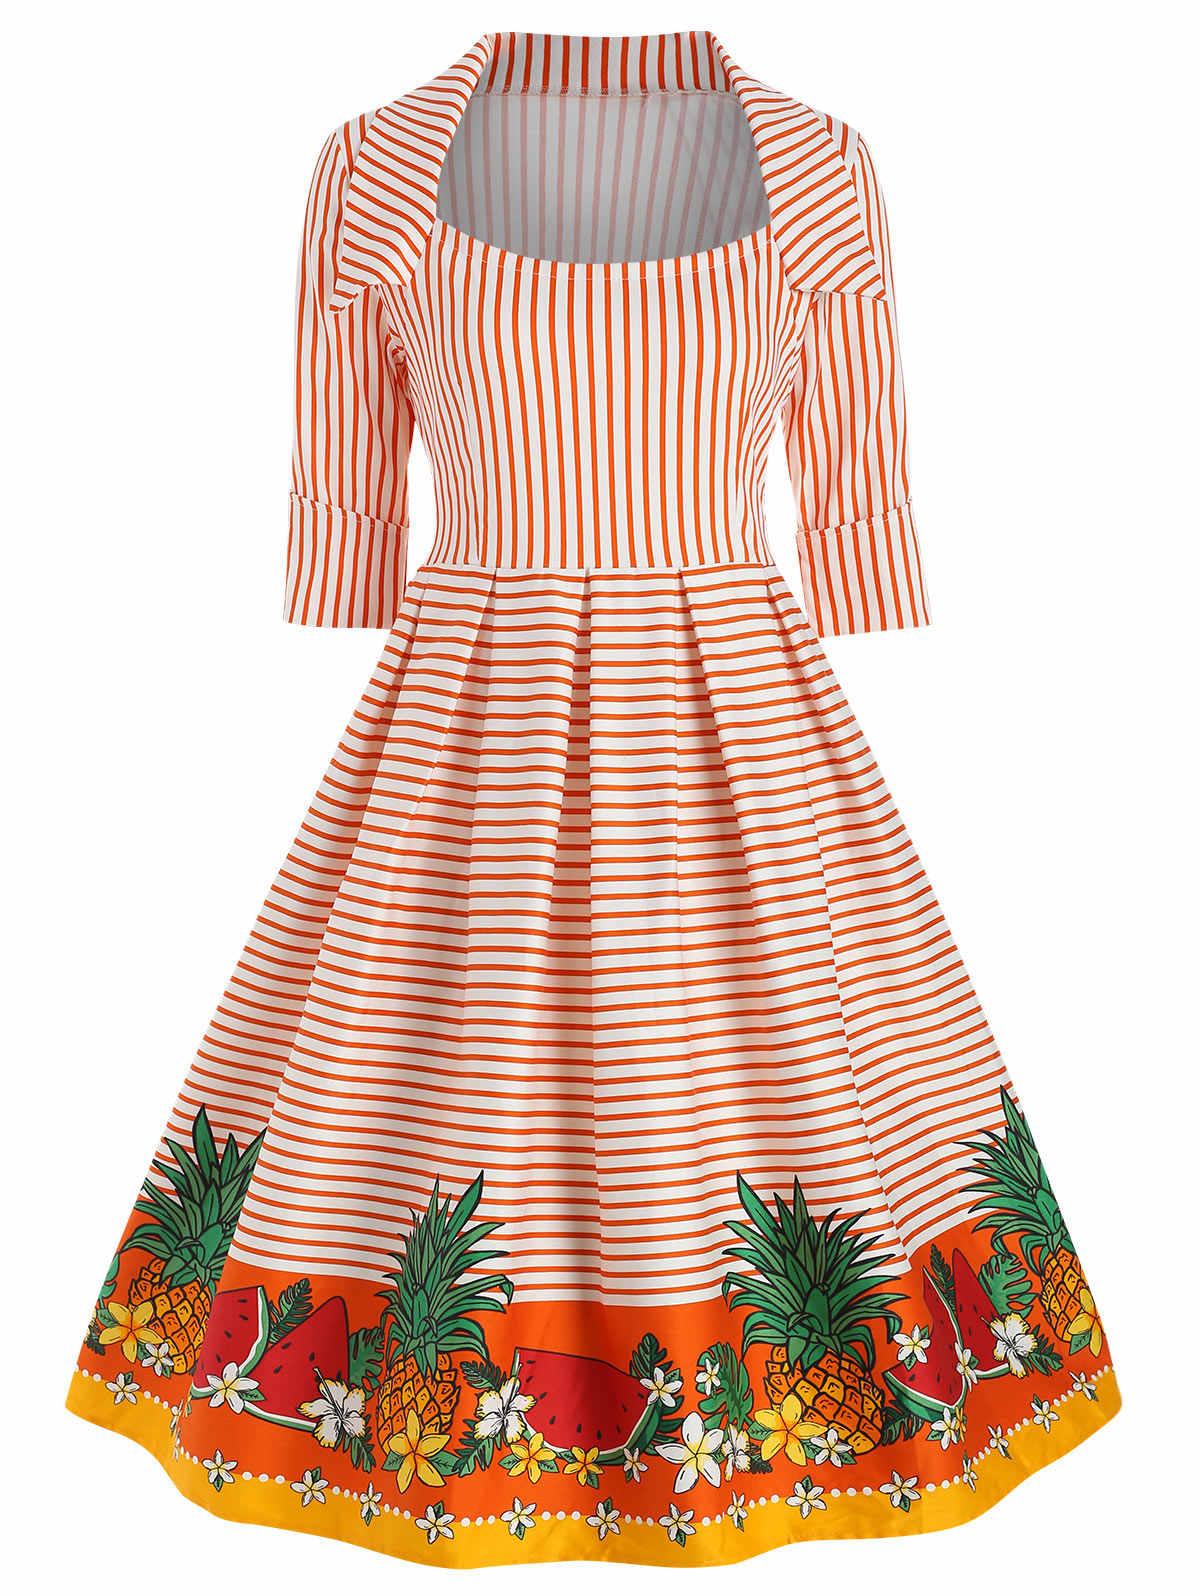 Sovalro в полоску с принтом «фрукты» Винтаж платье Для Женщин Половина рукава квадратный воротник элегантный качели вечерние платье Весна Повседневное платье трапециевидной формы